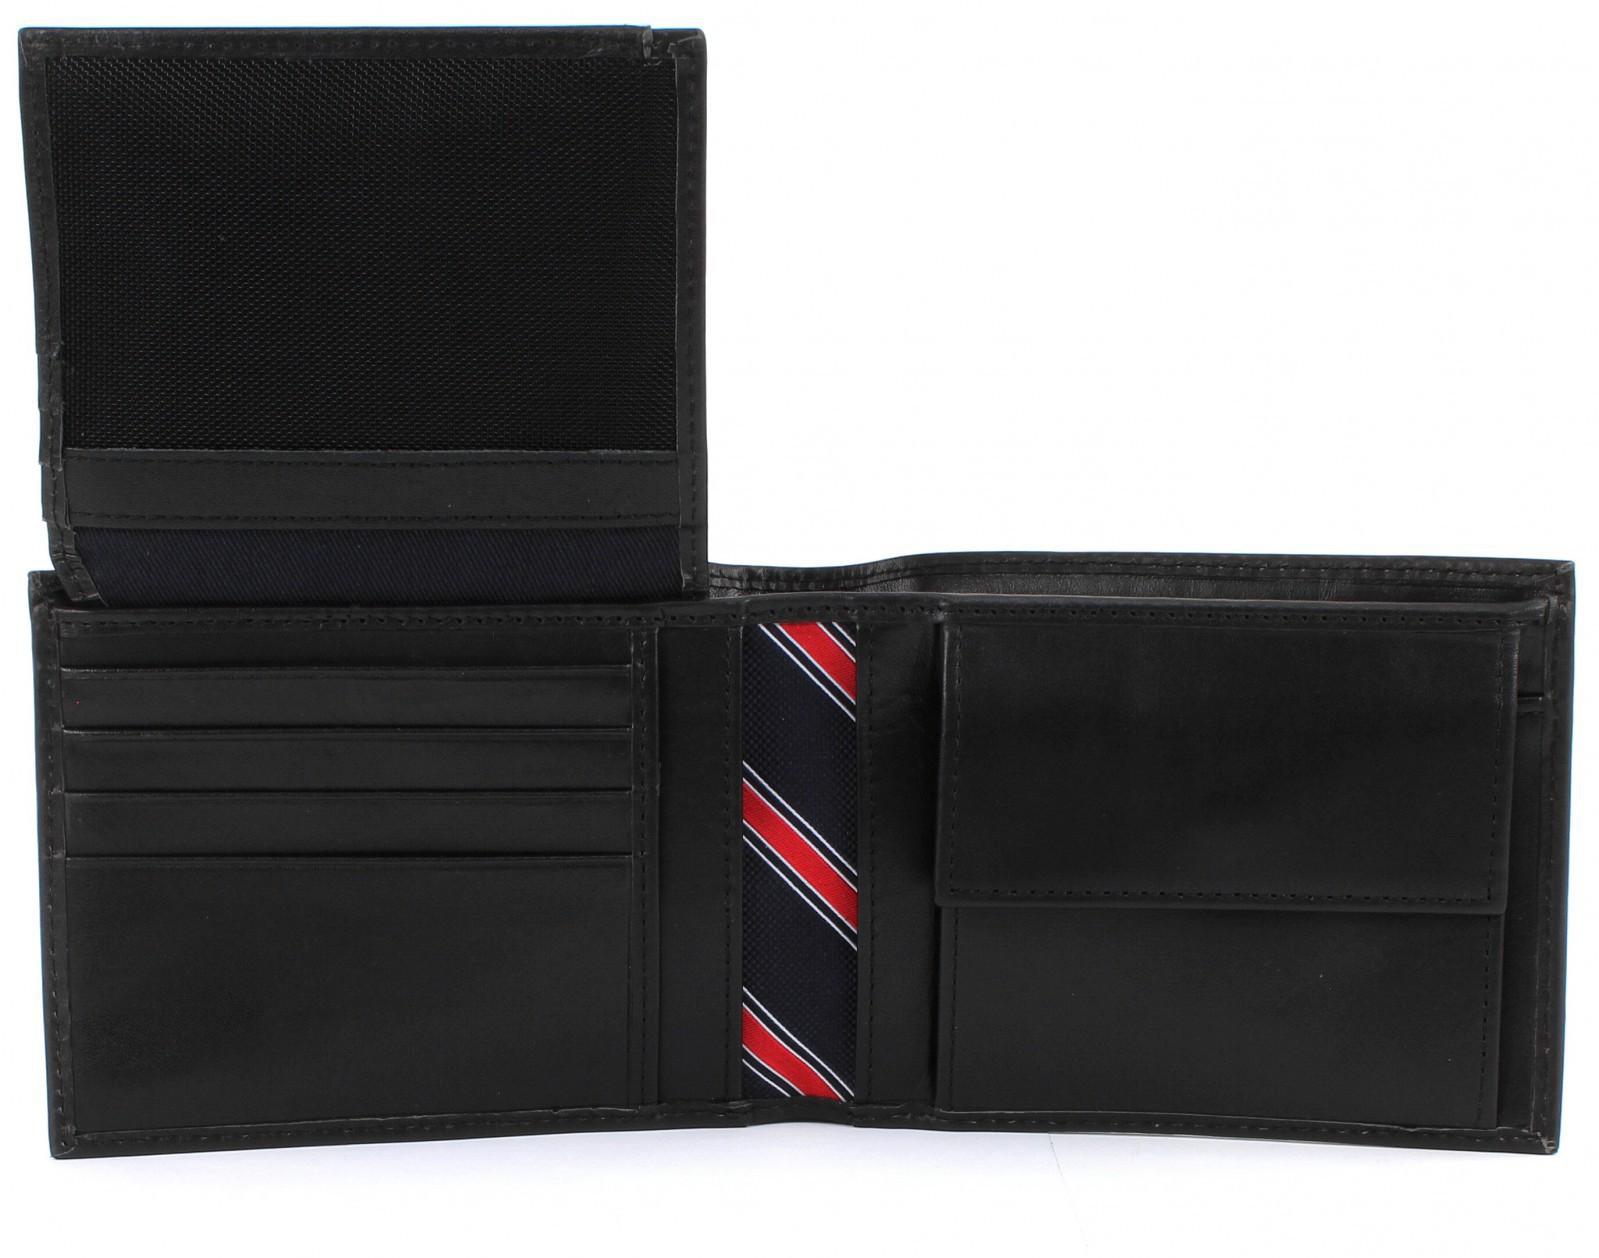 tommy hilfiger purse eton cc flap and coin pocket black. Black Bedroom Furniture Sets. Home Design Ideas